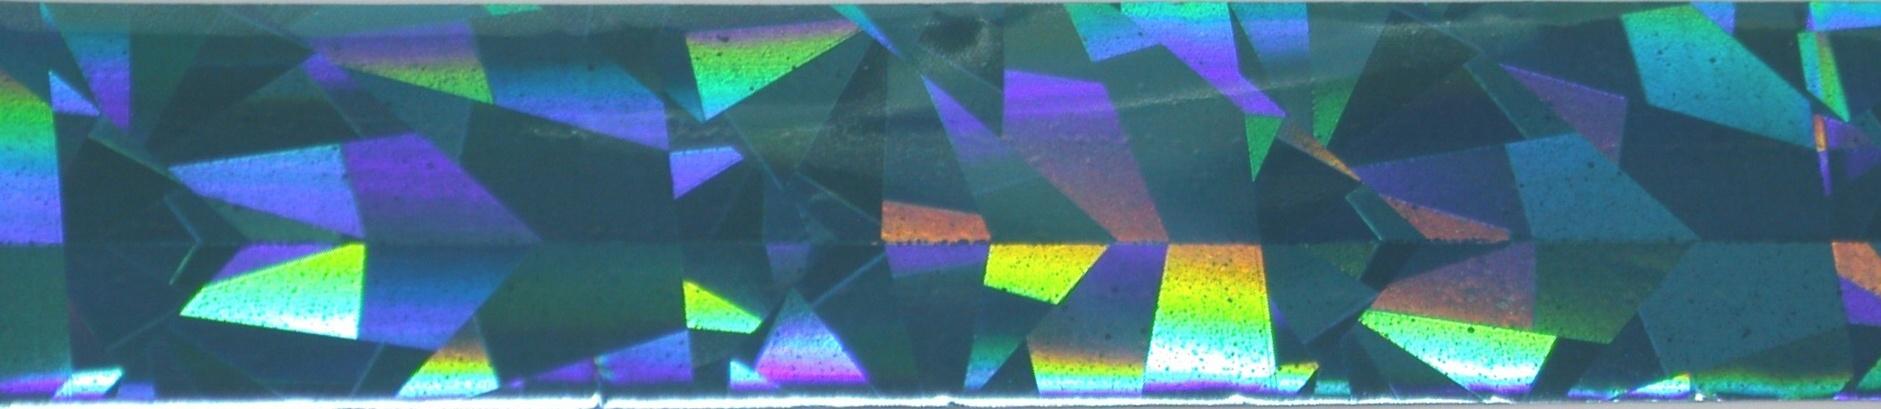 Vivi Folie na nehty jehlan tyrkysová 50 cm